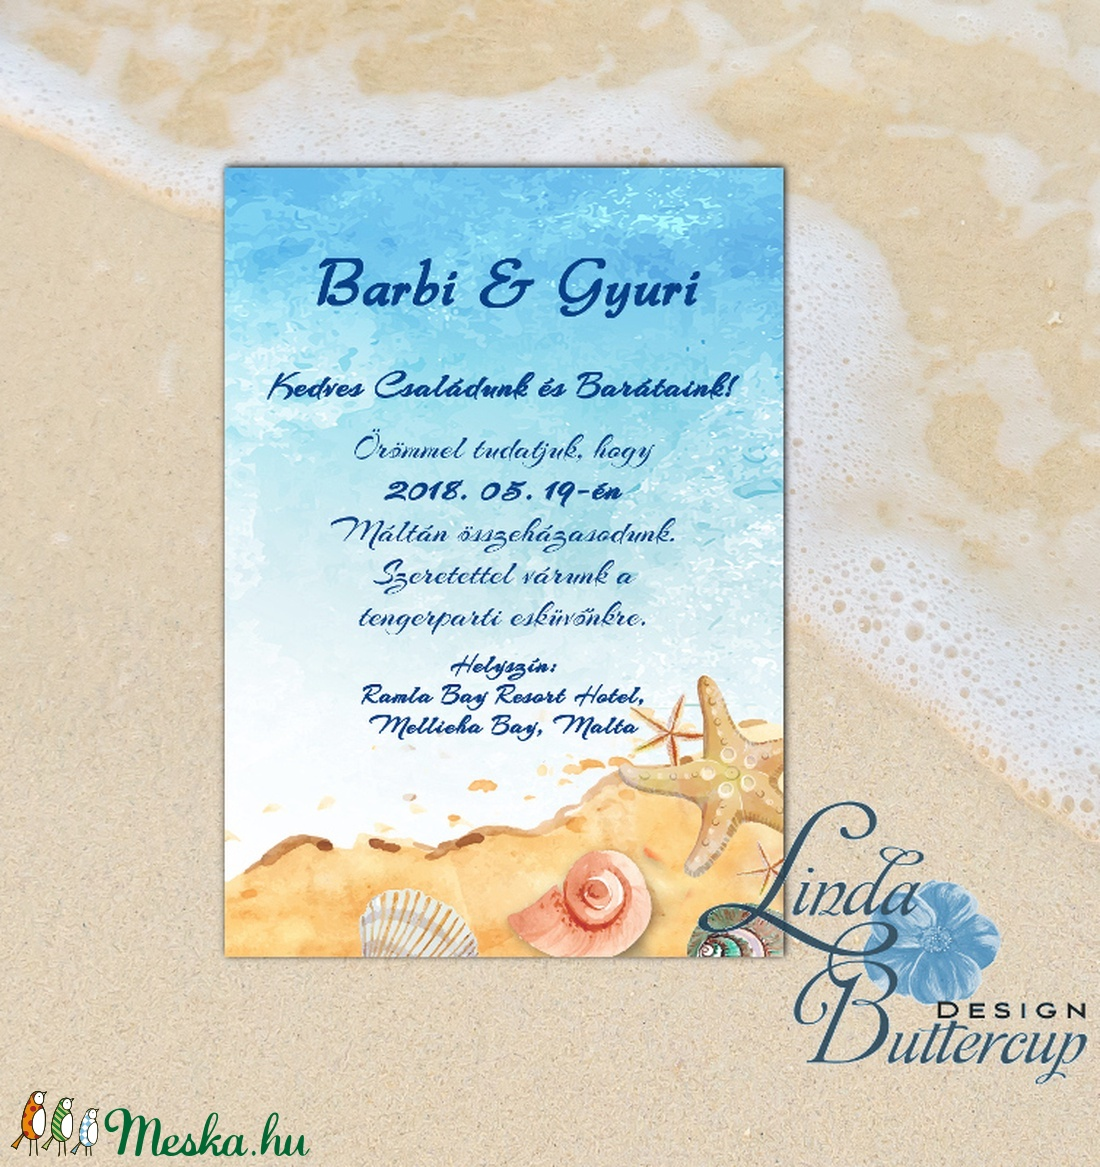 Nyári Esküvői Meghívó, Tengerparti meghívó, Nyári esküvő, Nyaralás, tengerpart, tenger, tengericsillag, kék, türkiz - esküvő - meghívó & kártya - meghívó - Meska.hu